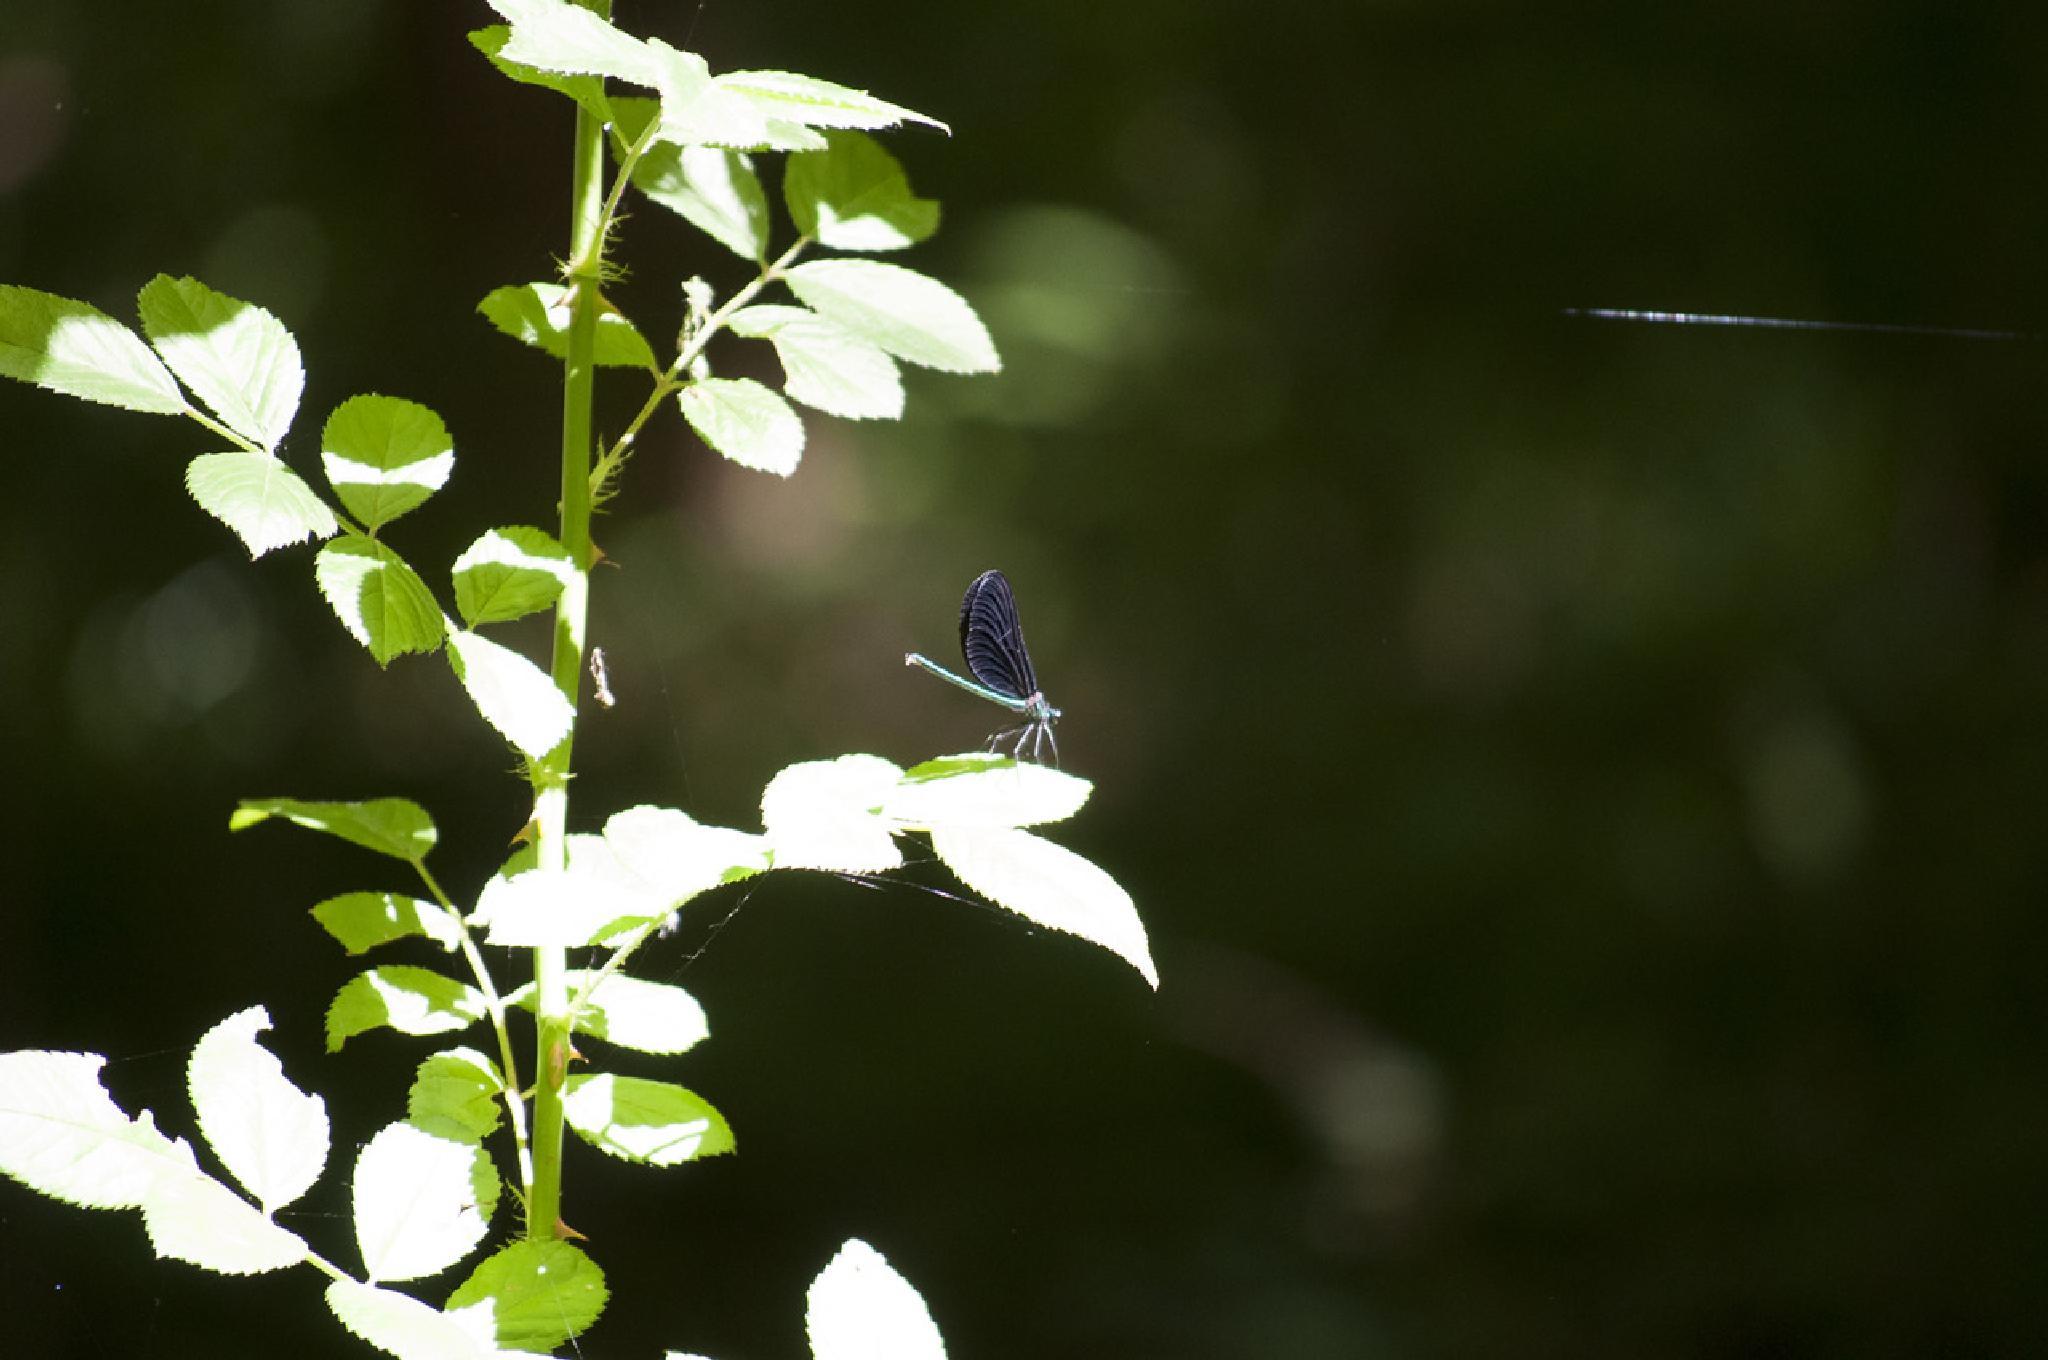 Dragonfly by austinjelcick